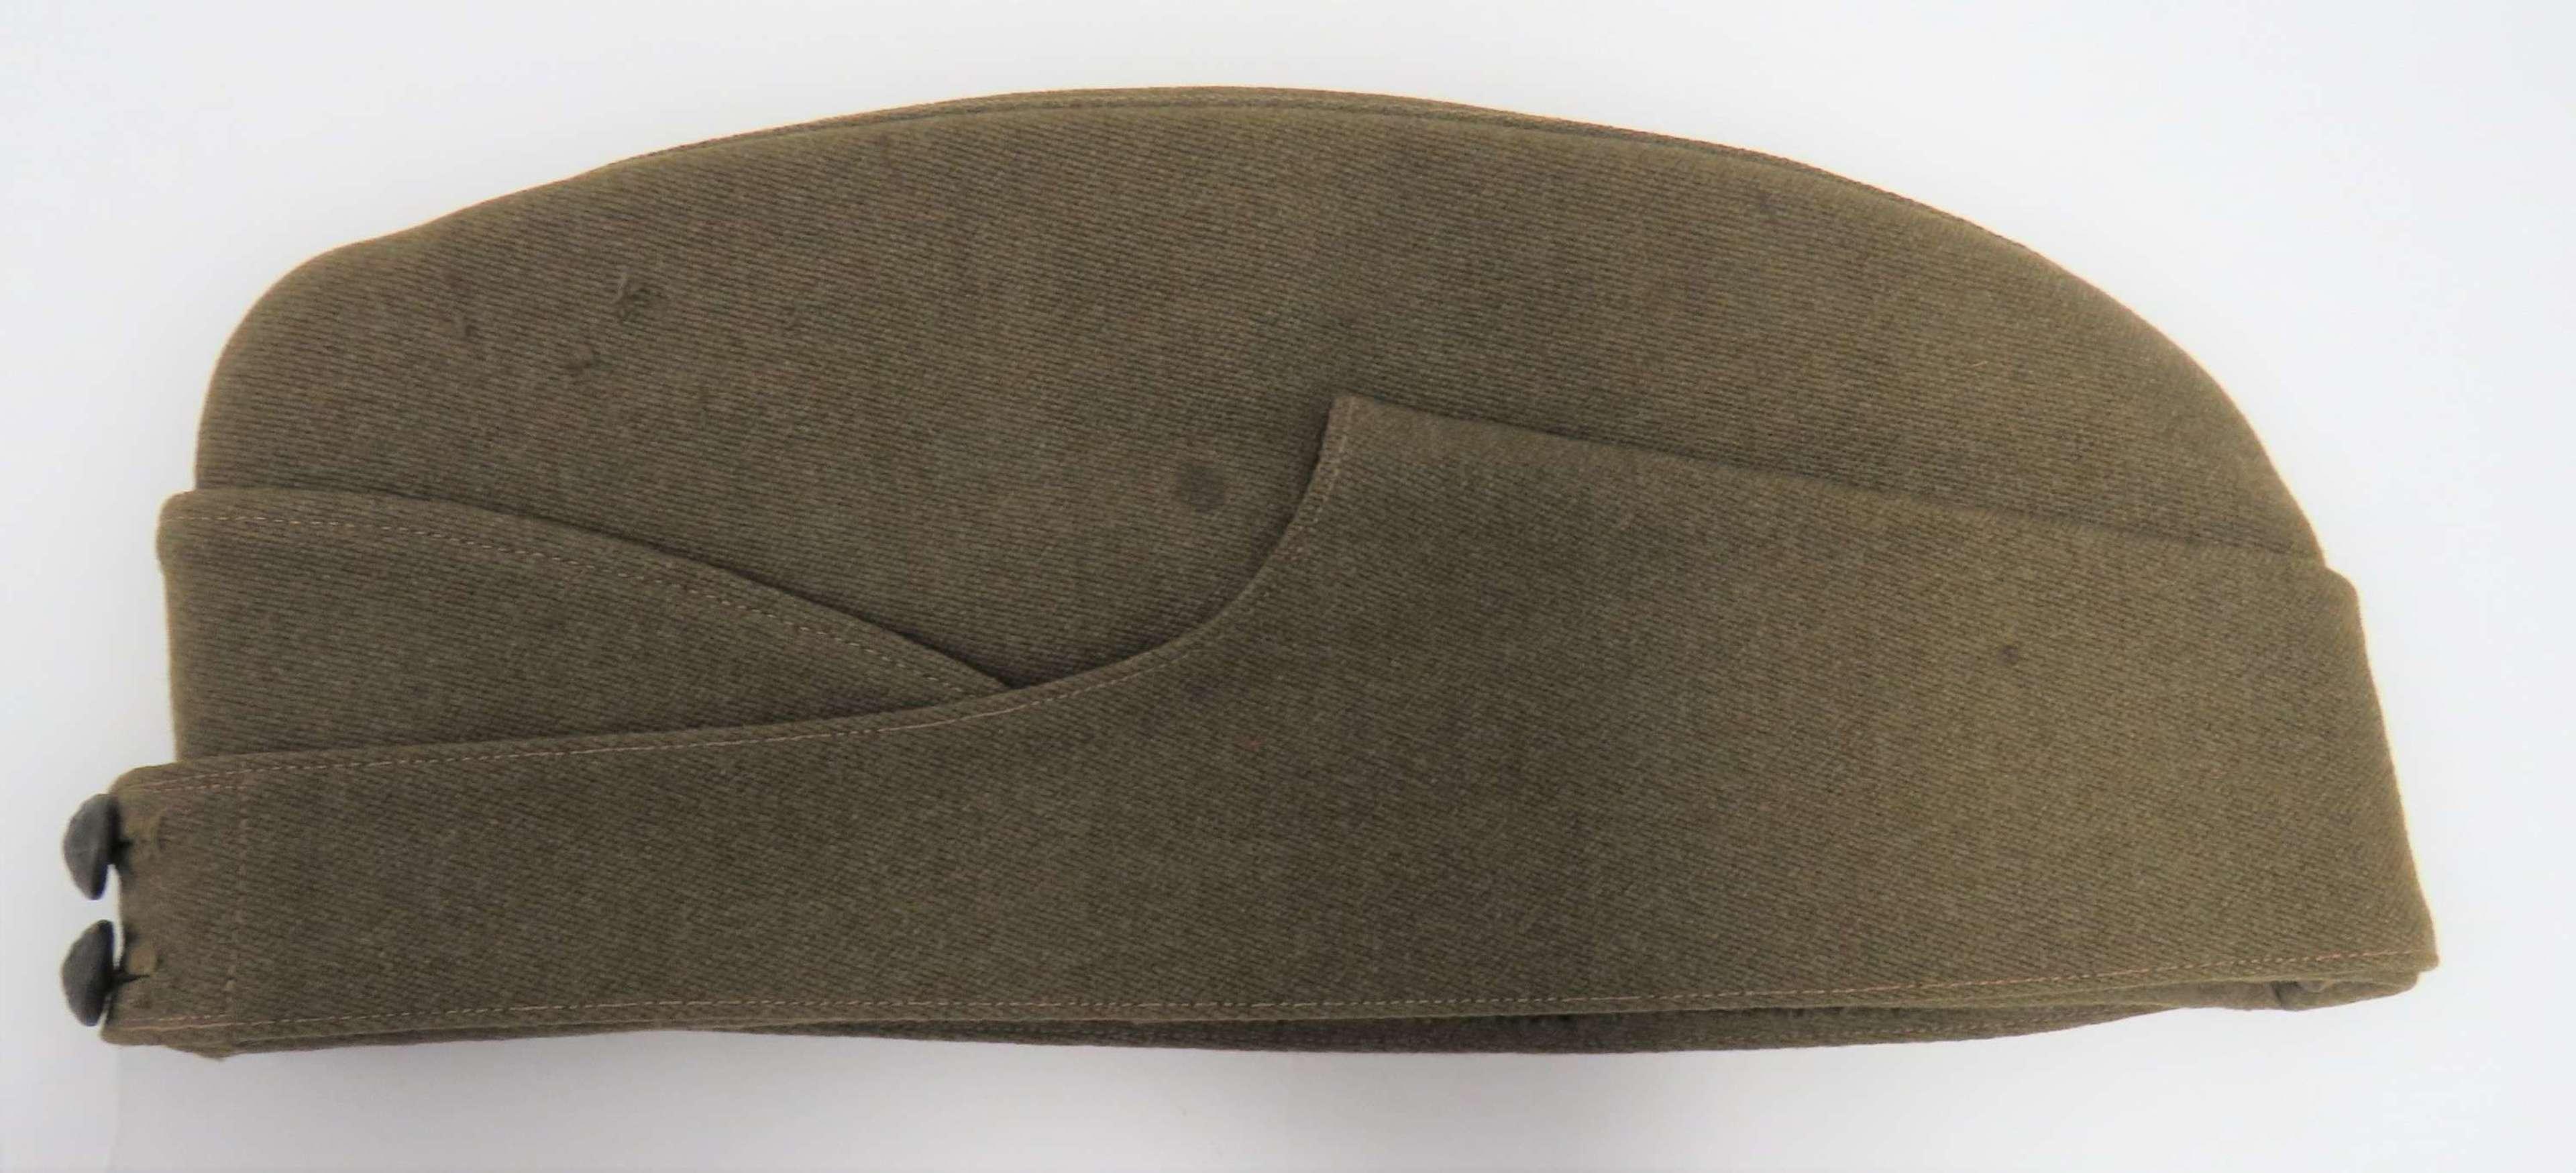 WW2 Officers Field Service Cap